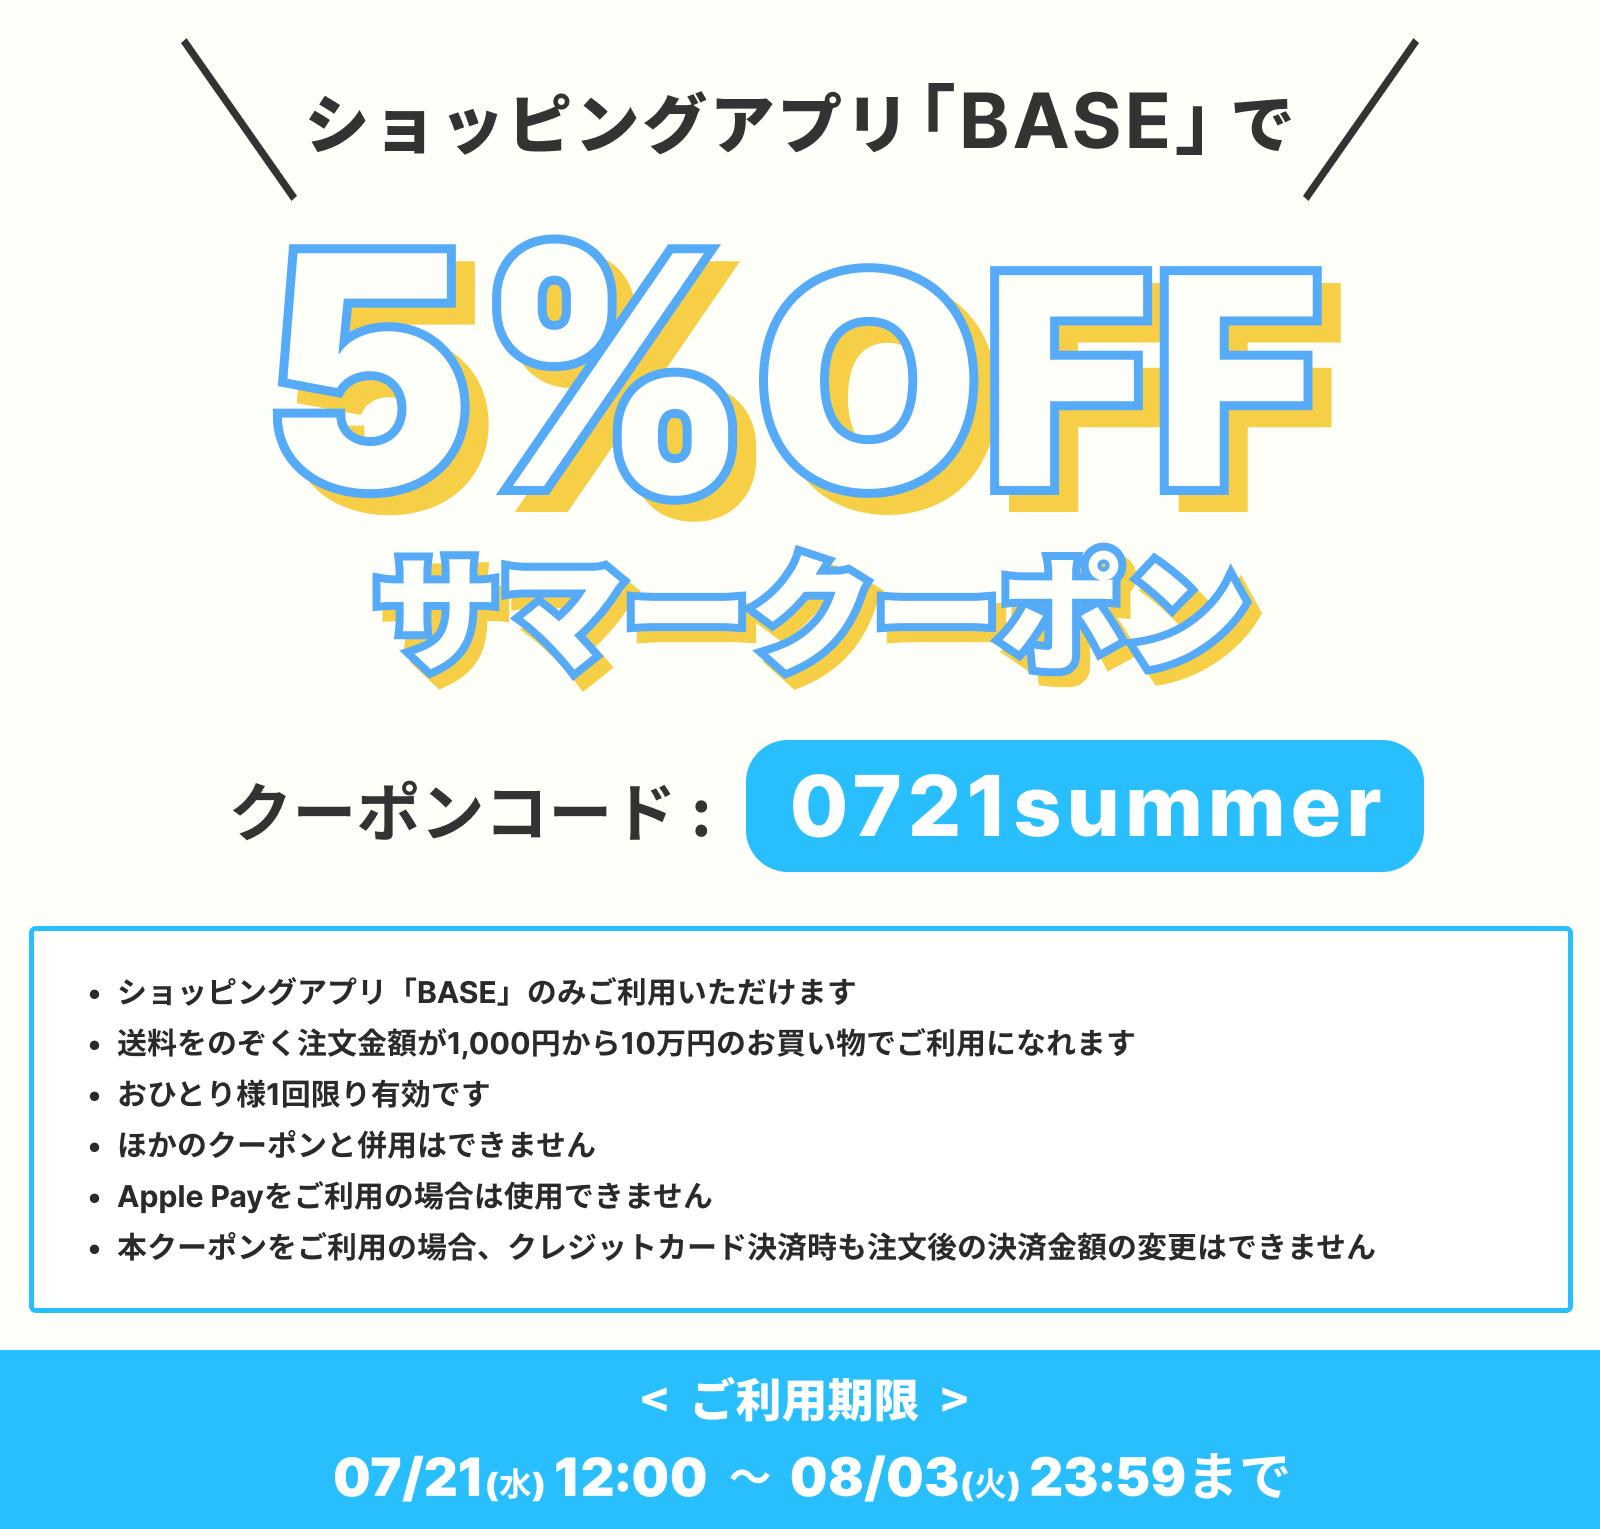 7月21日~ 8月3日まで期間限定 5%OFFクーポンプレゼント